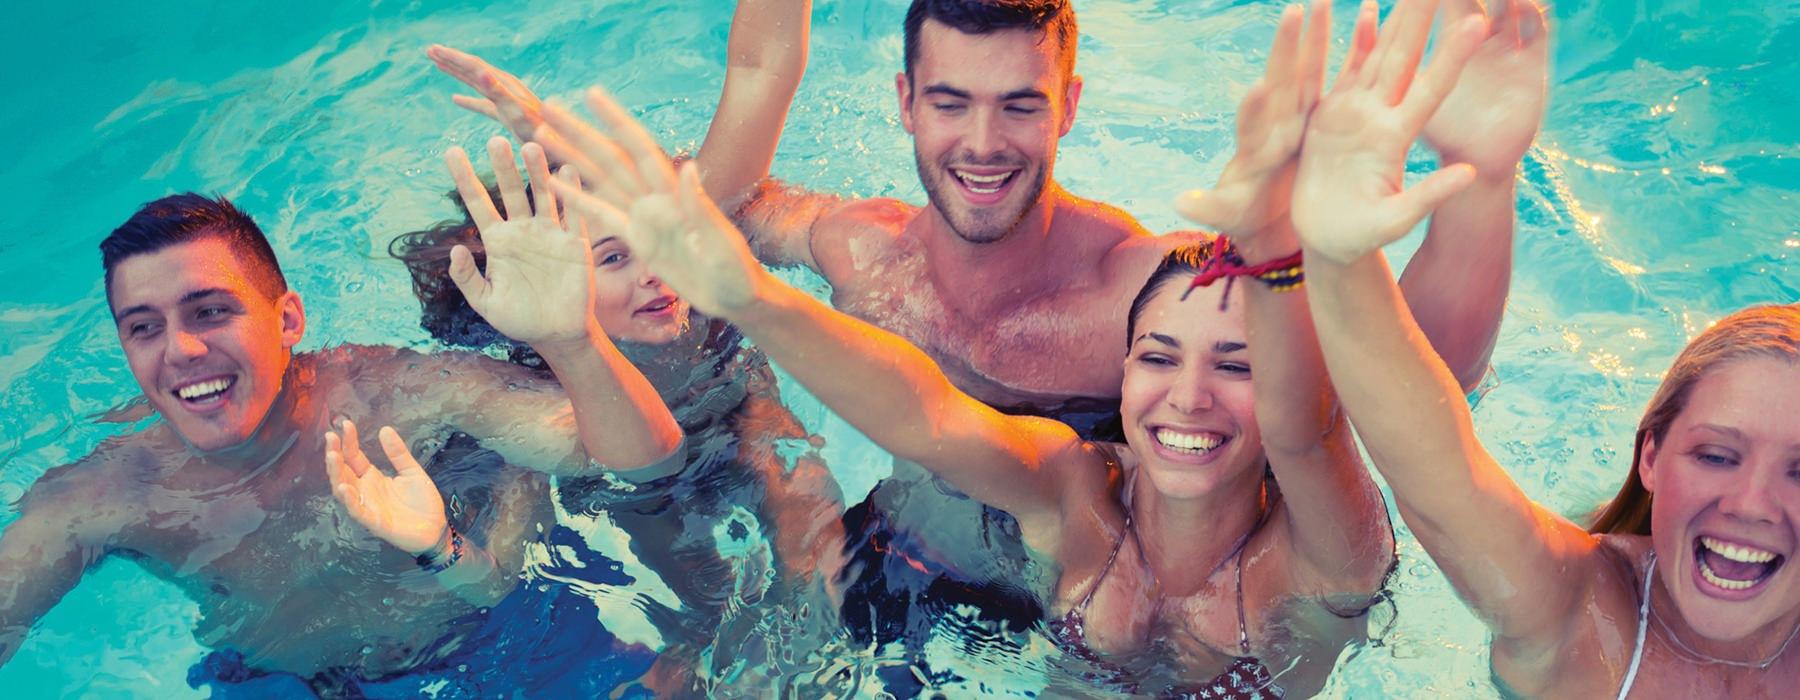 Young people enjoying the amenities